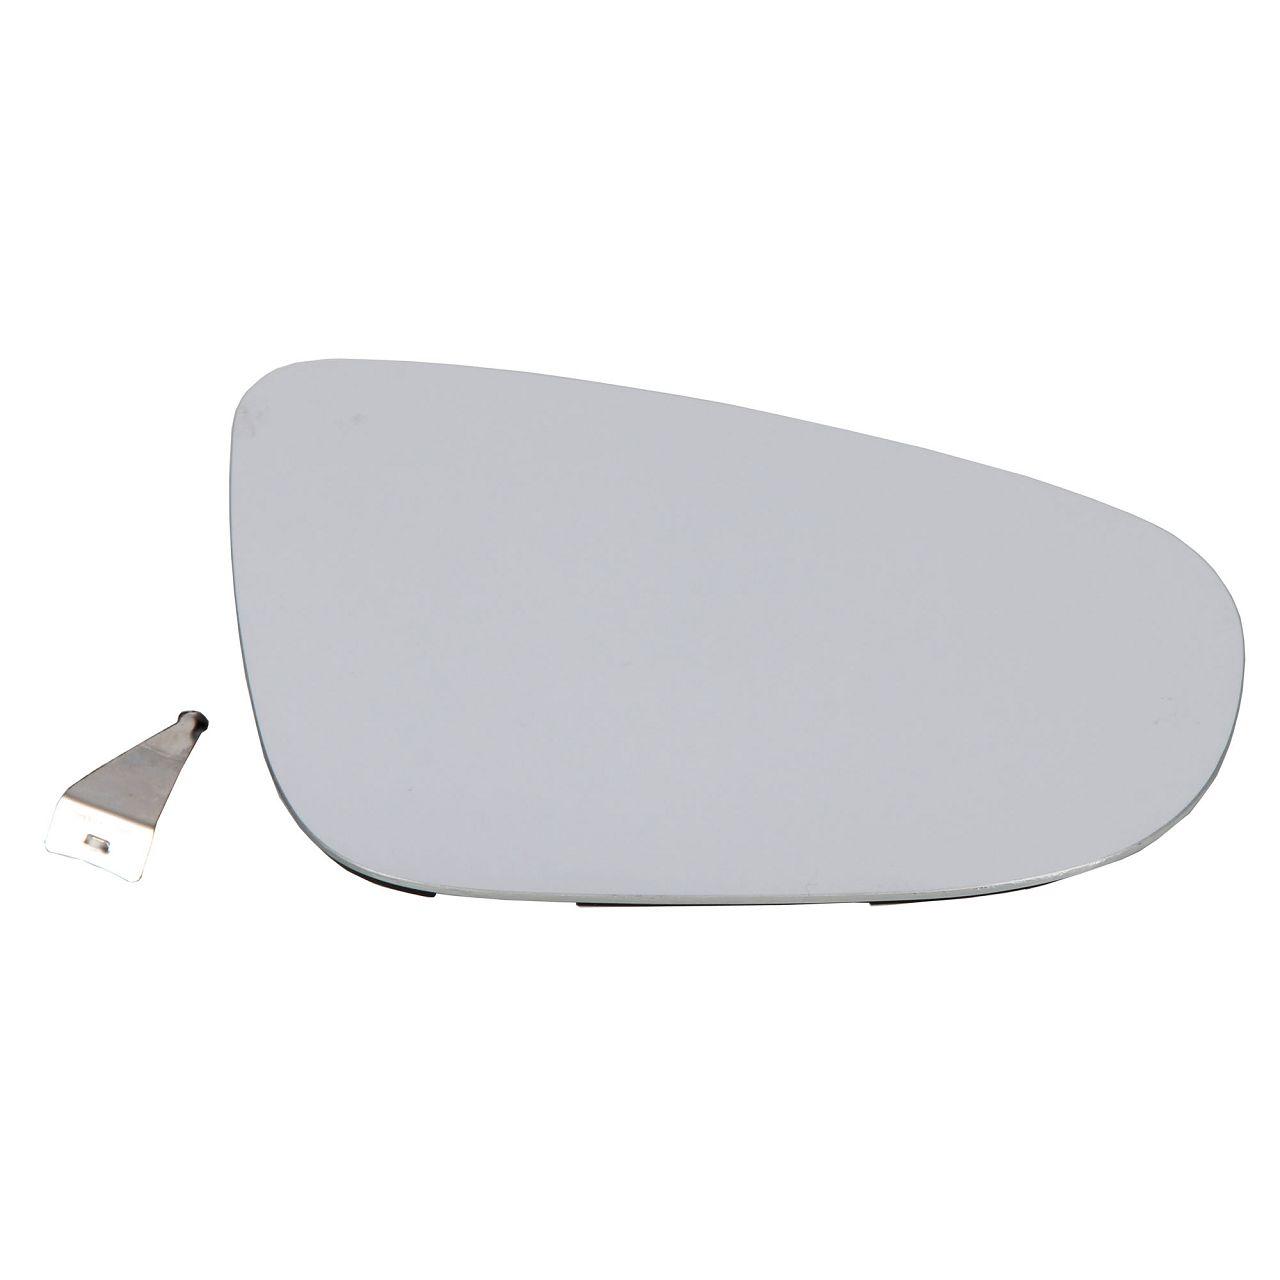 Außenspiegel Spiegelglas ELEKTRISCH für VW Golf VI Touran 1T3 rechts 5K0857522